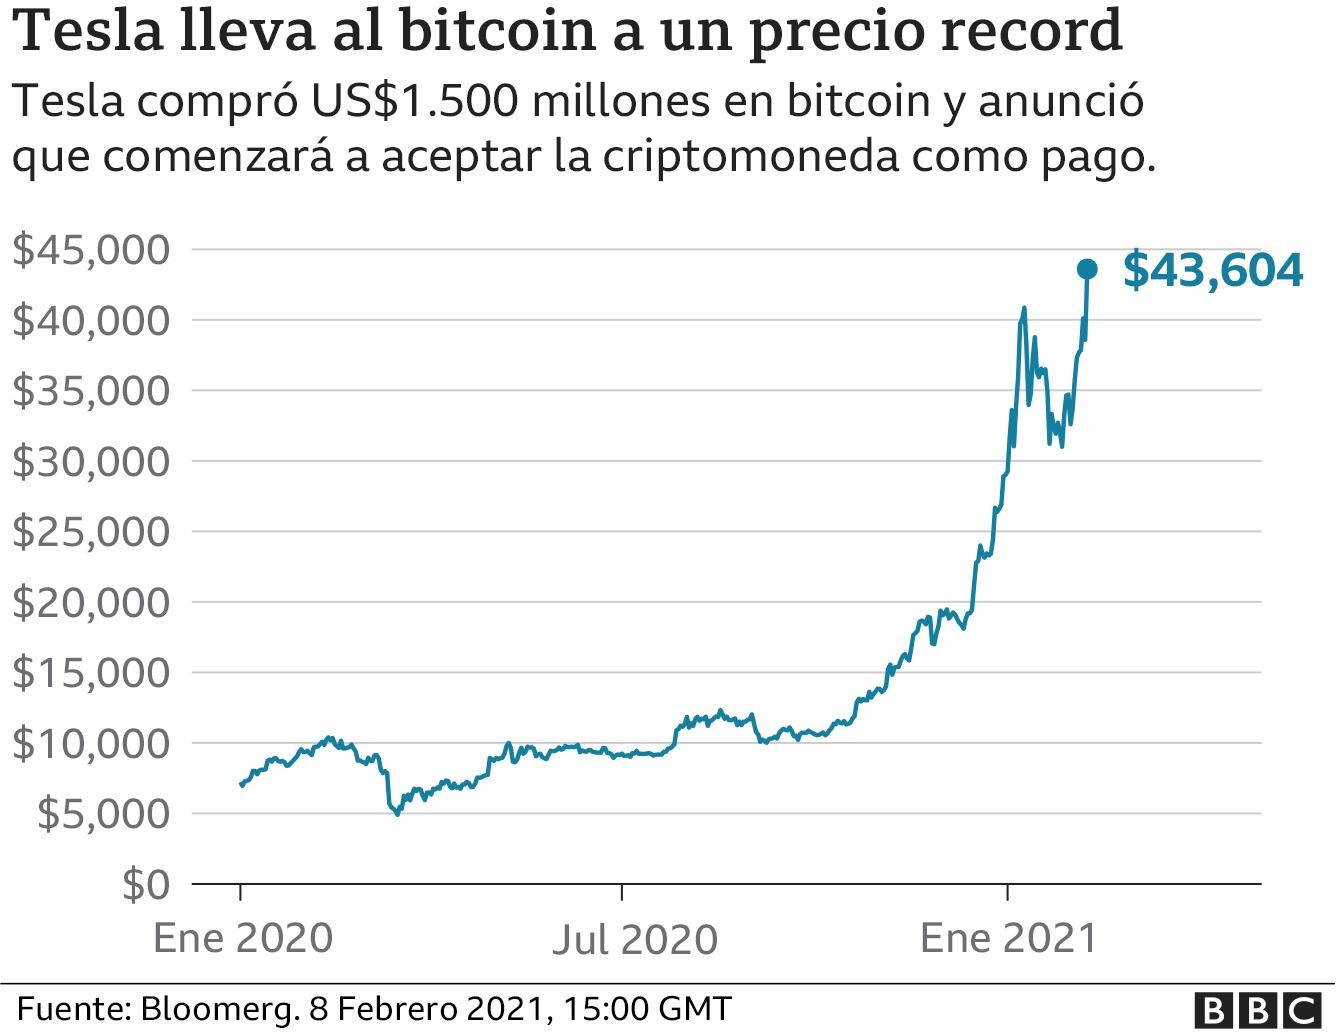 precio-bitcoin-record